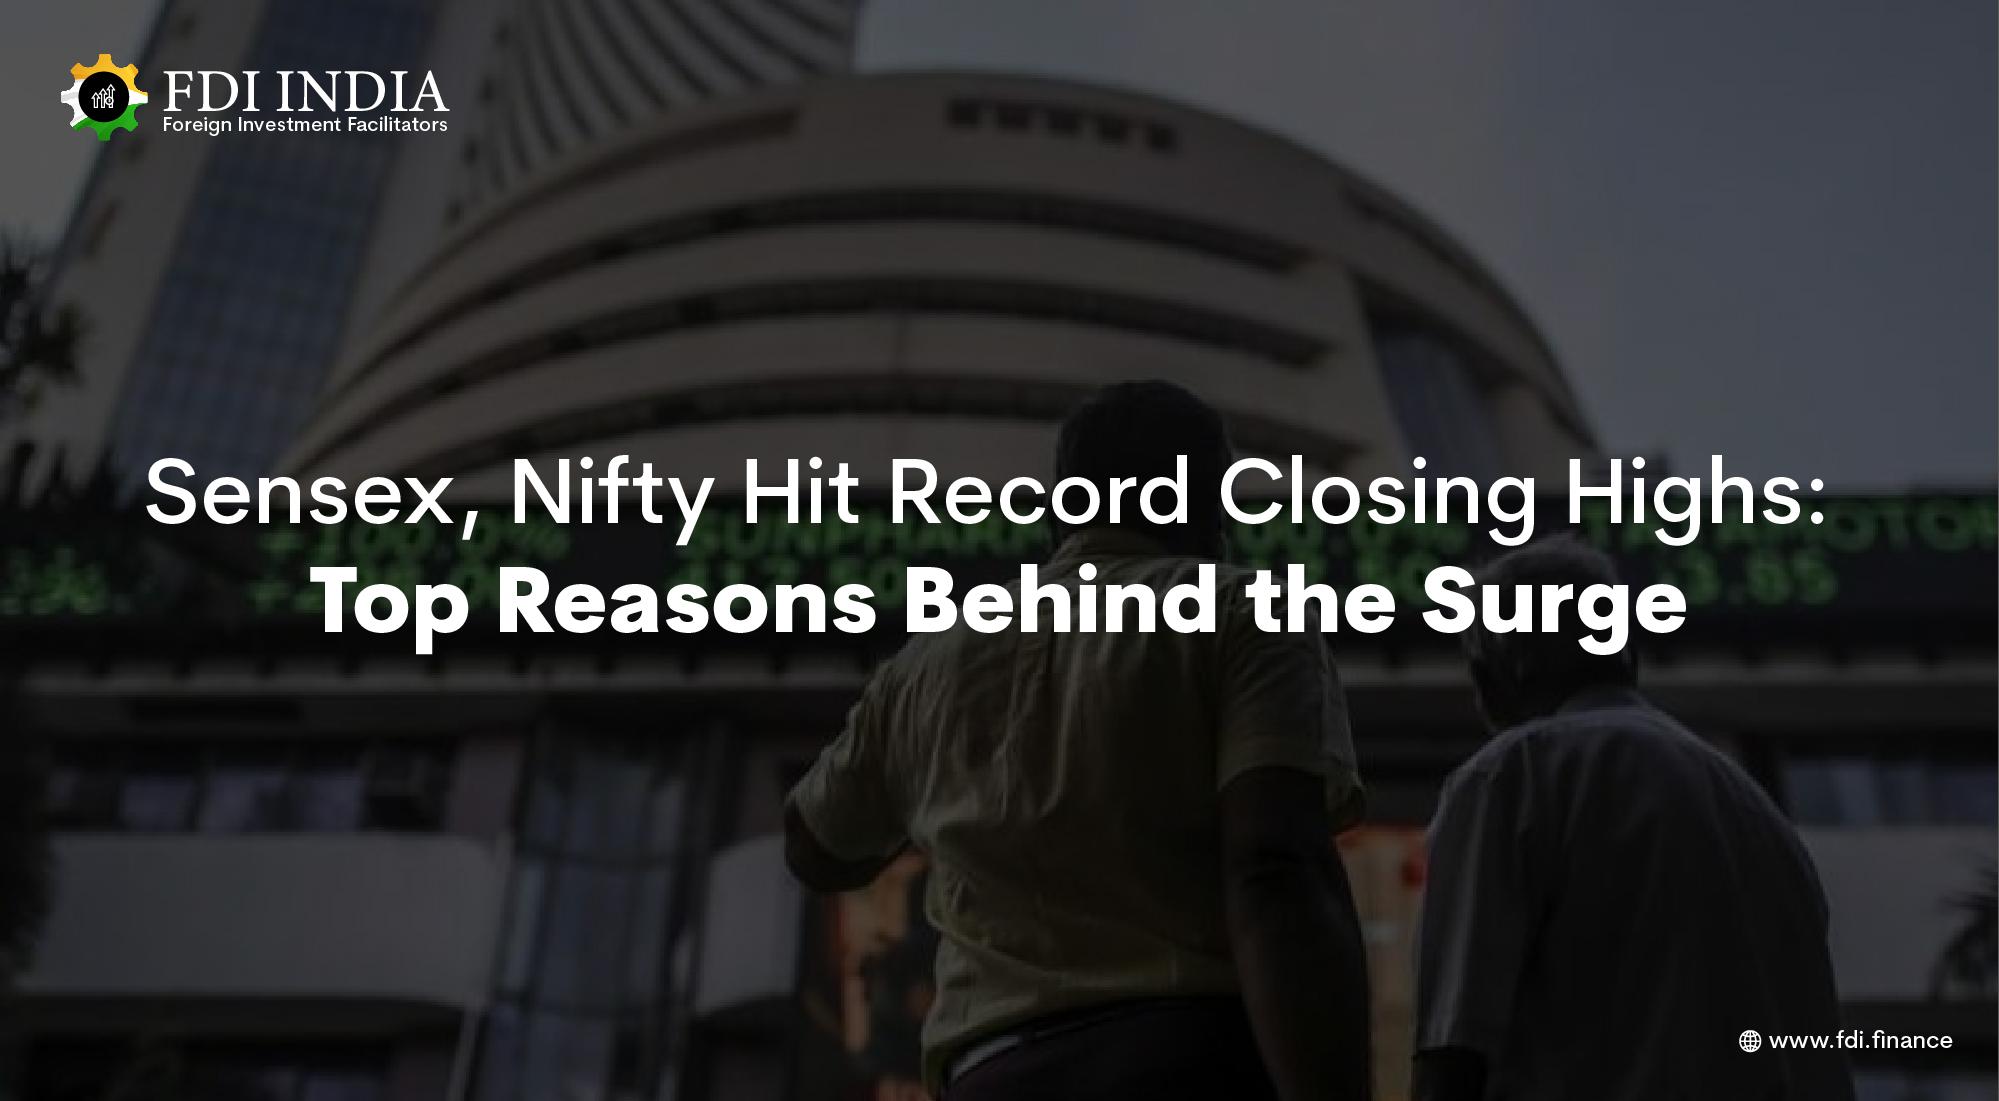 Sensex, Nifty Hit Record Closing Highs: Top Reasons Behind the Surge